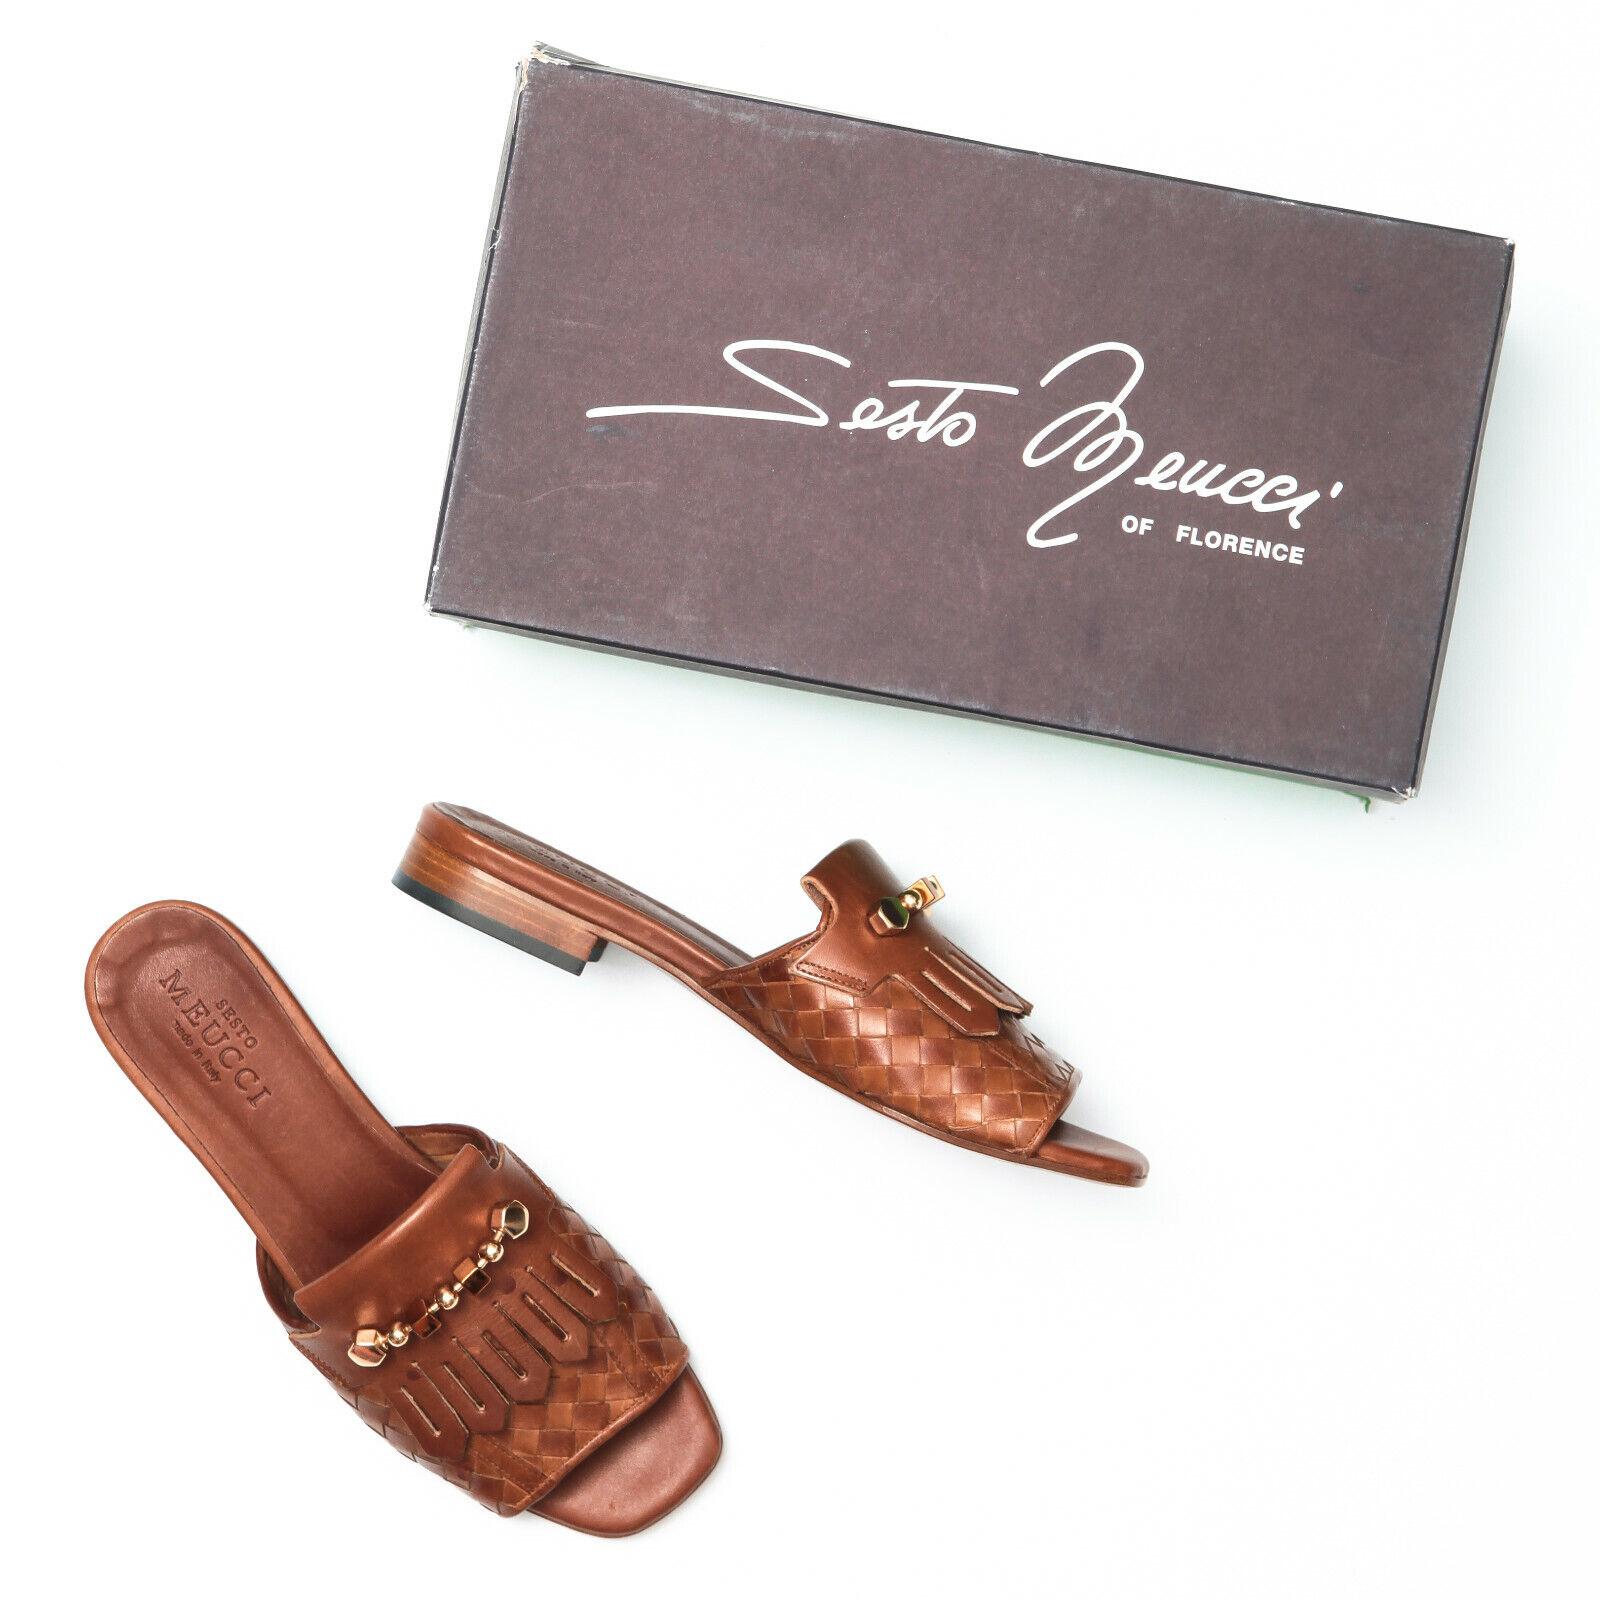 Seso Meucci Gavan  Cuoio Marronee Woven Calf Leather Sandals - Dimensione 8  promozioni di sconto